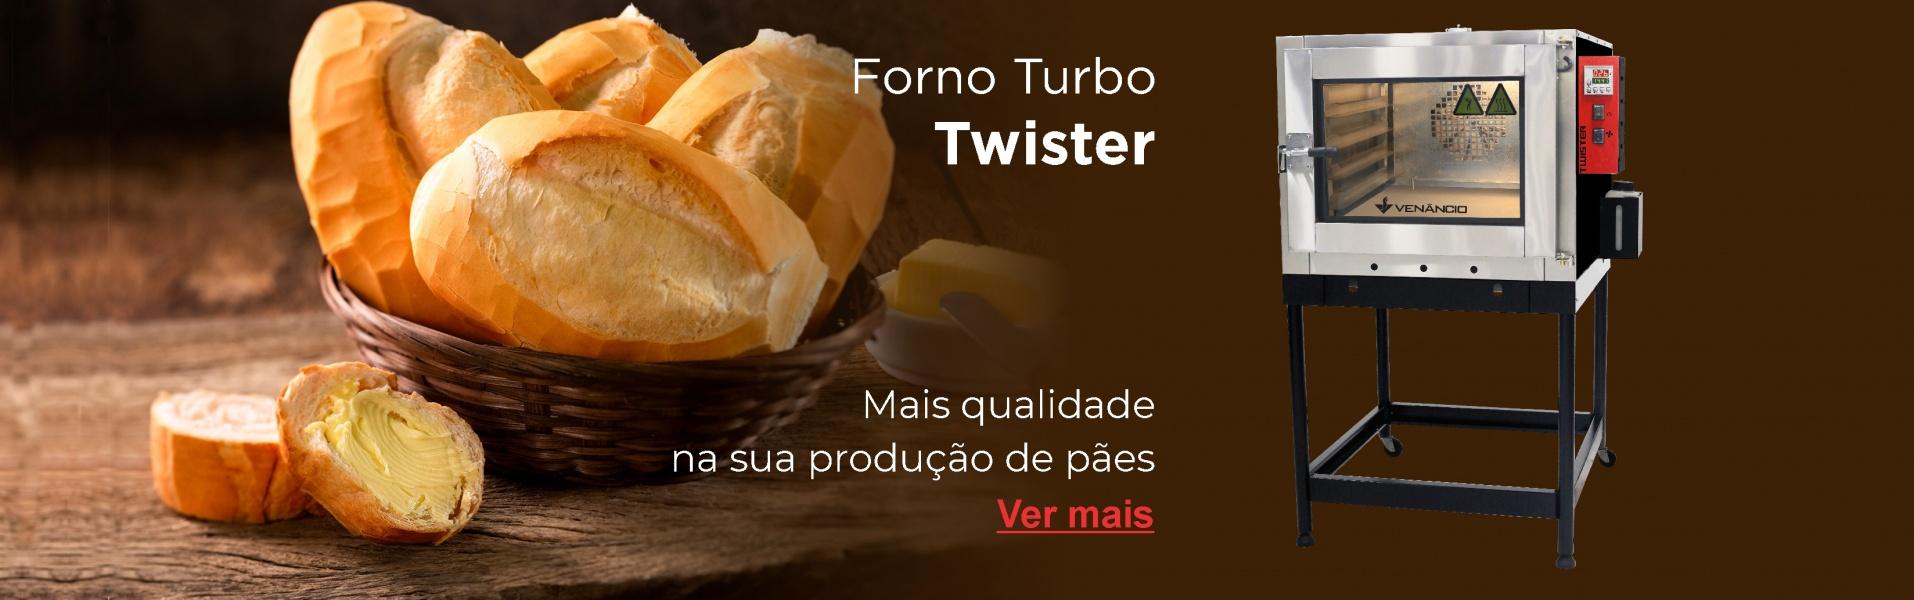 Novo forno Twister